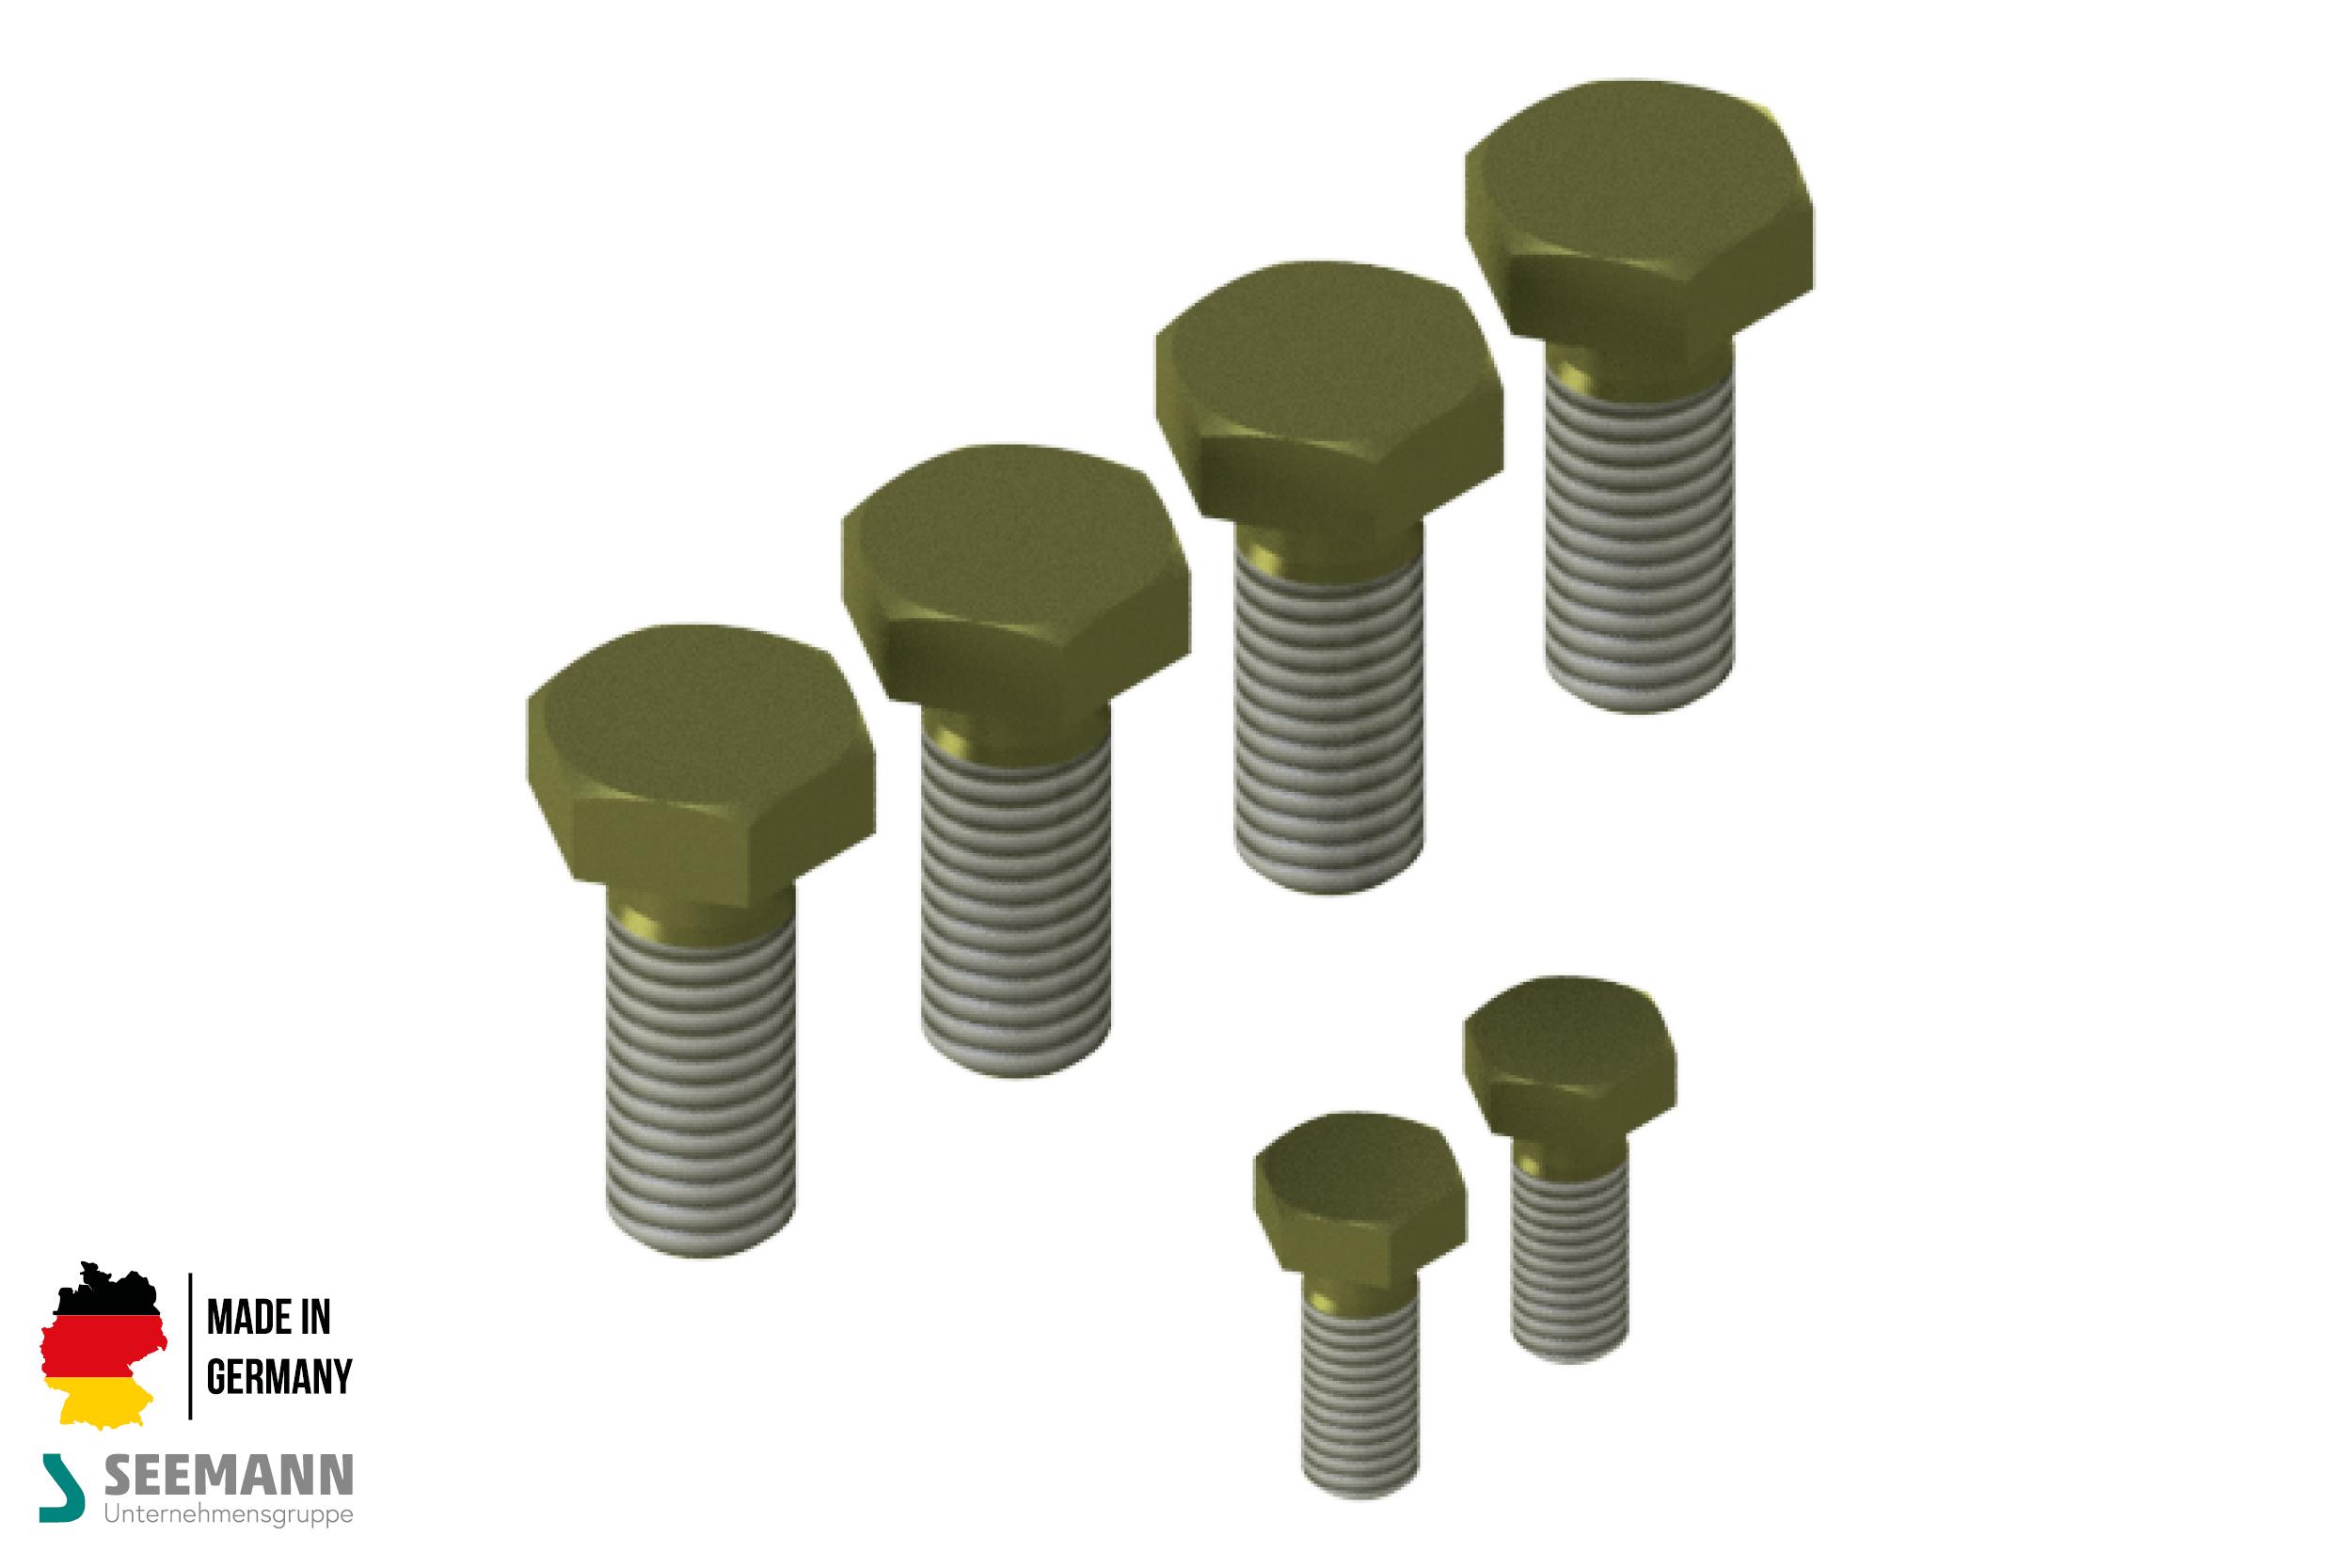 Titan-Schraubensatz für Tellerfansch